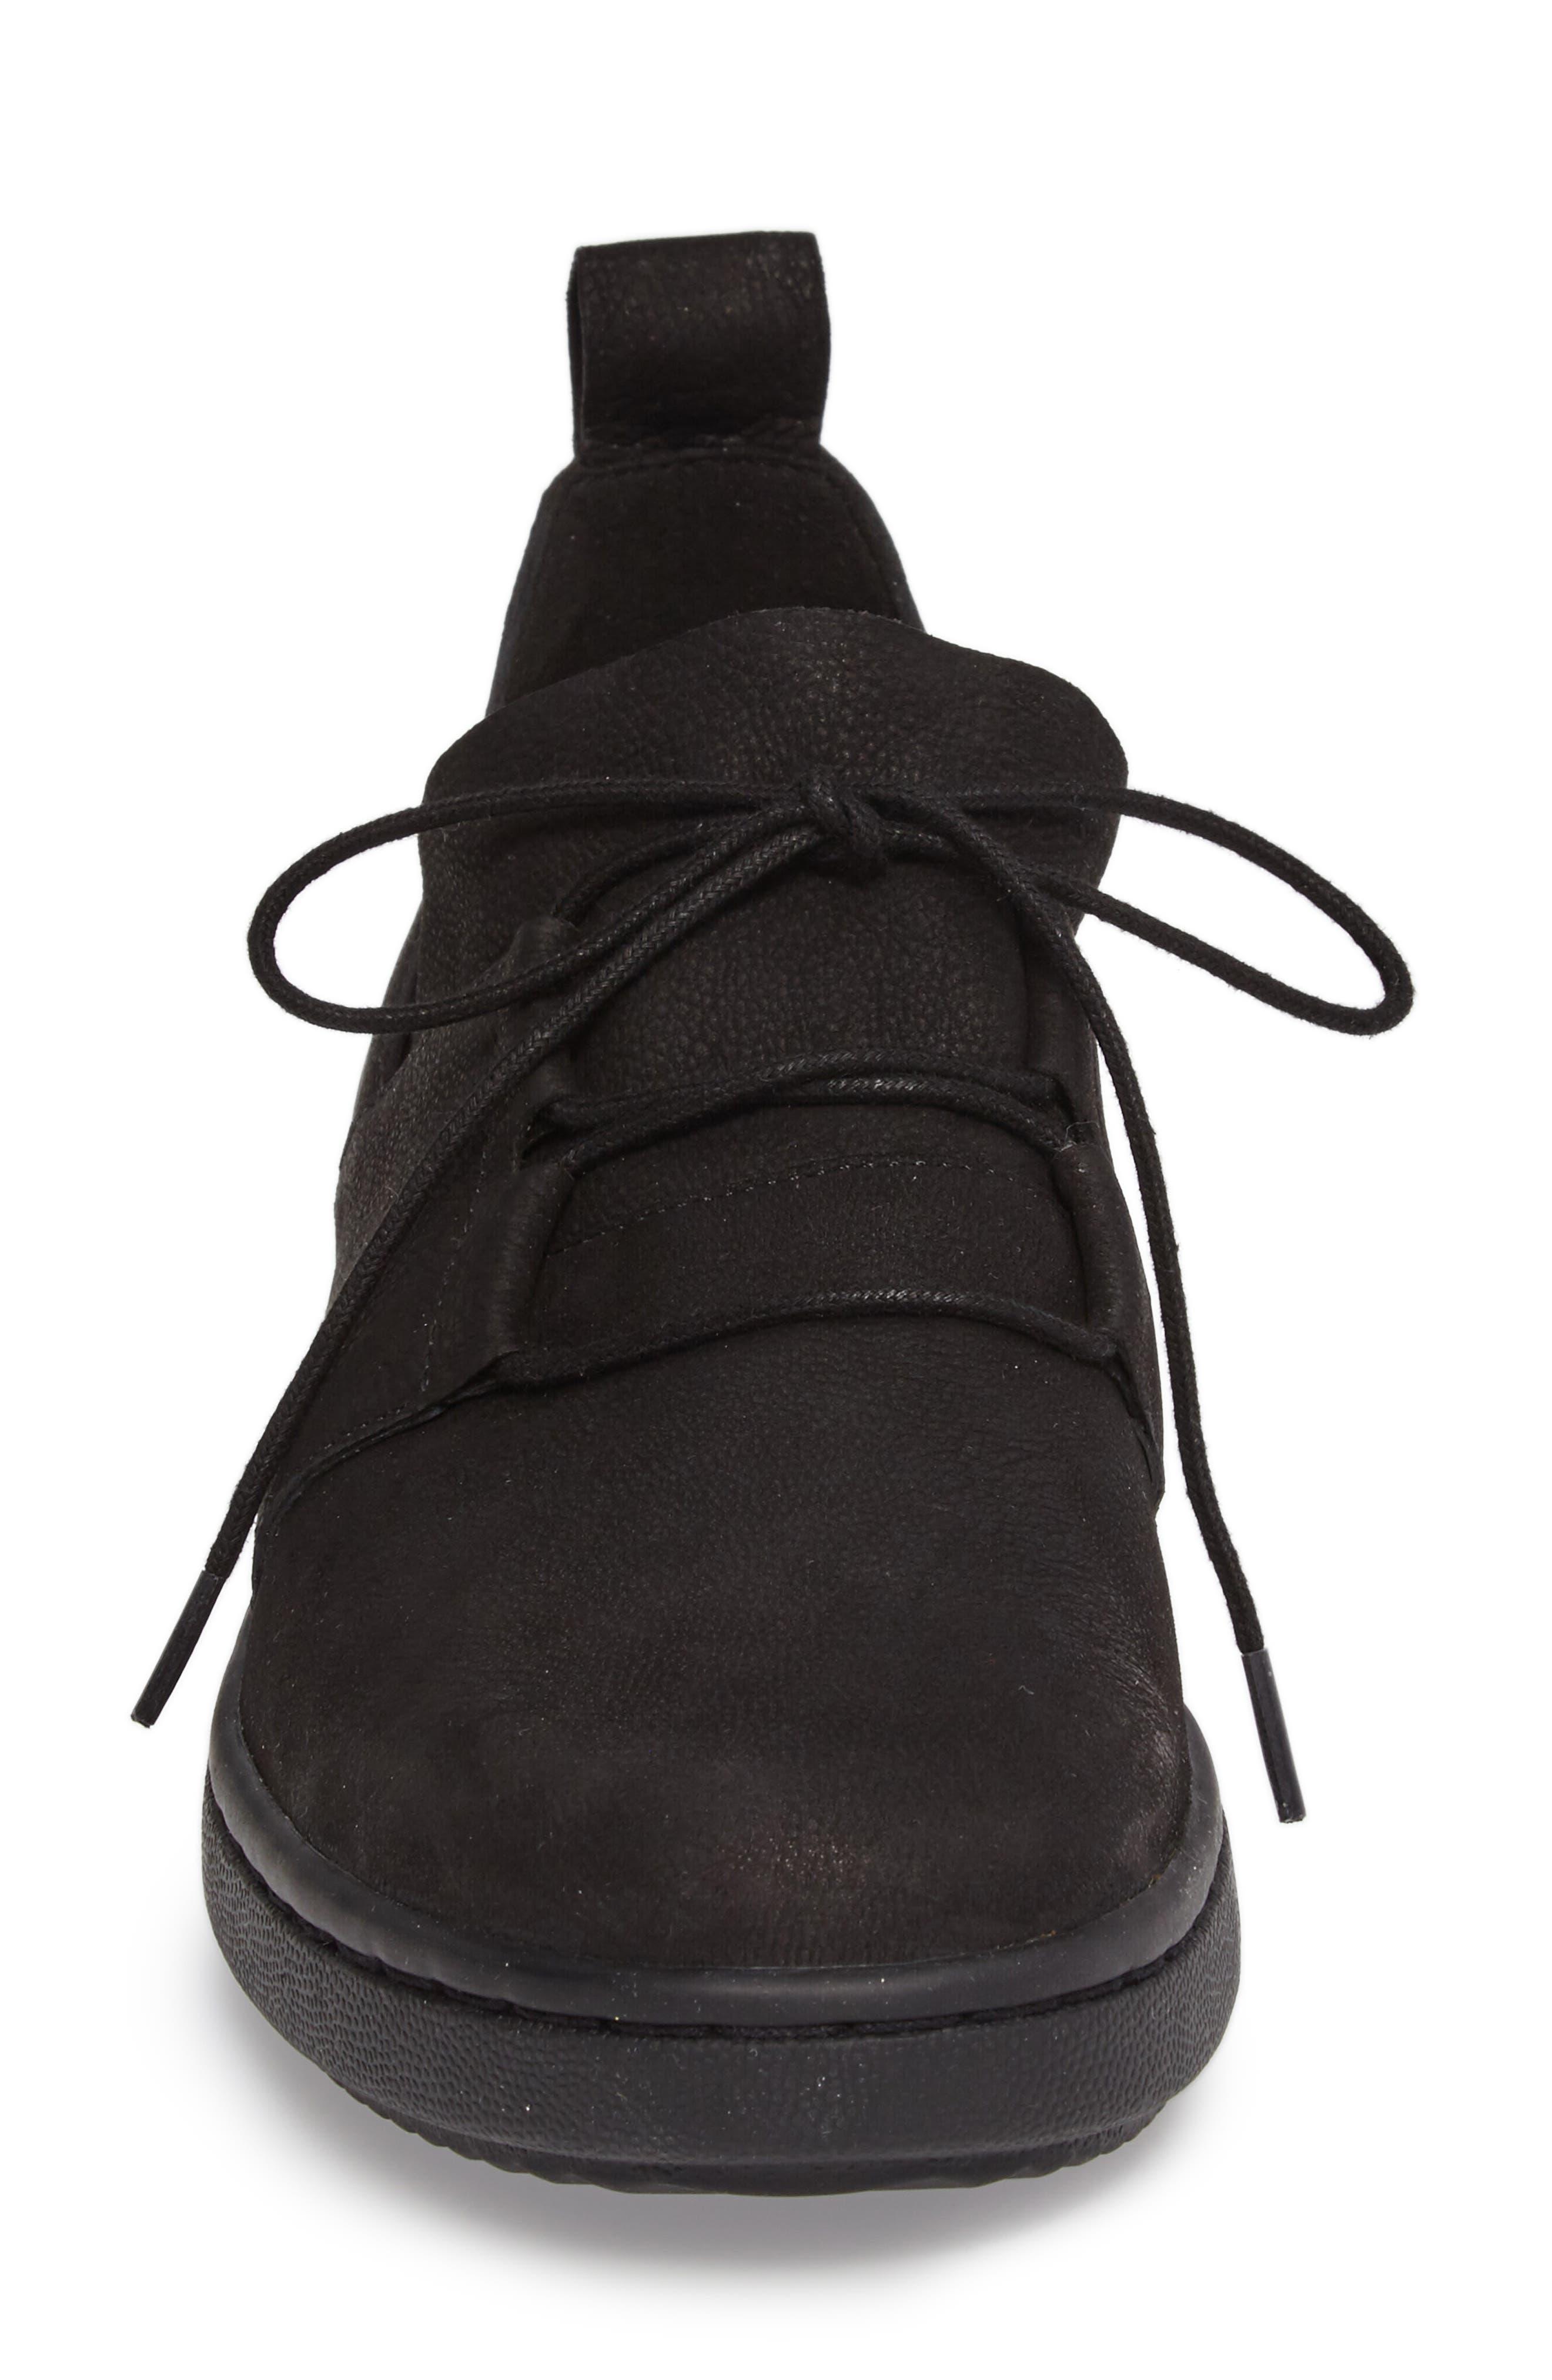 Kipling Sneaker,                             Alternate thumbnail 4, color,                             001